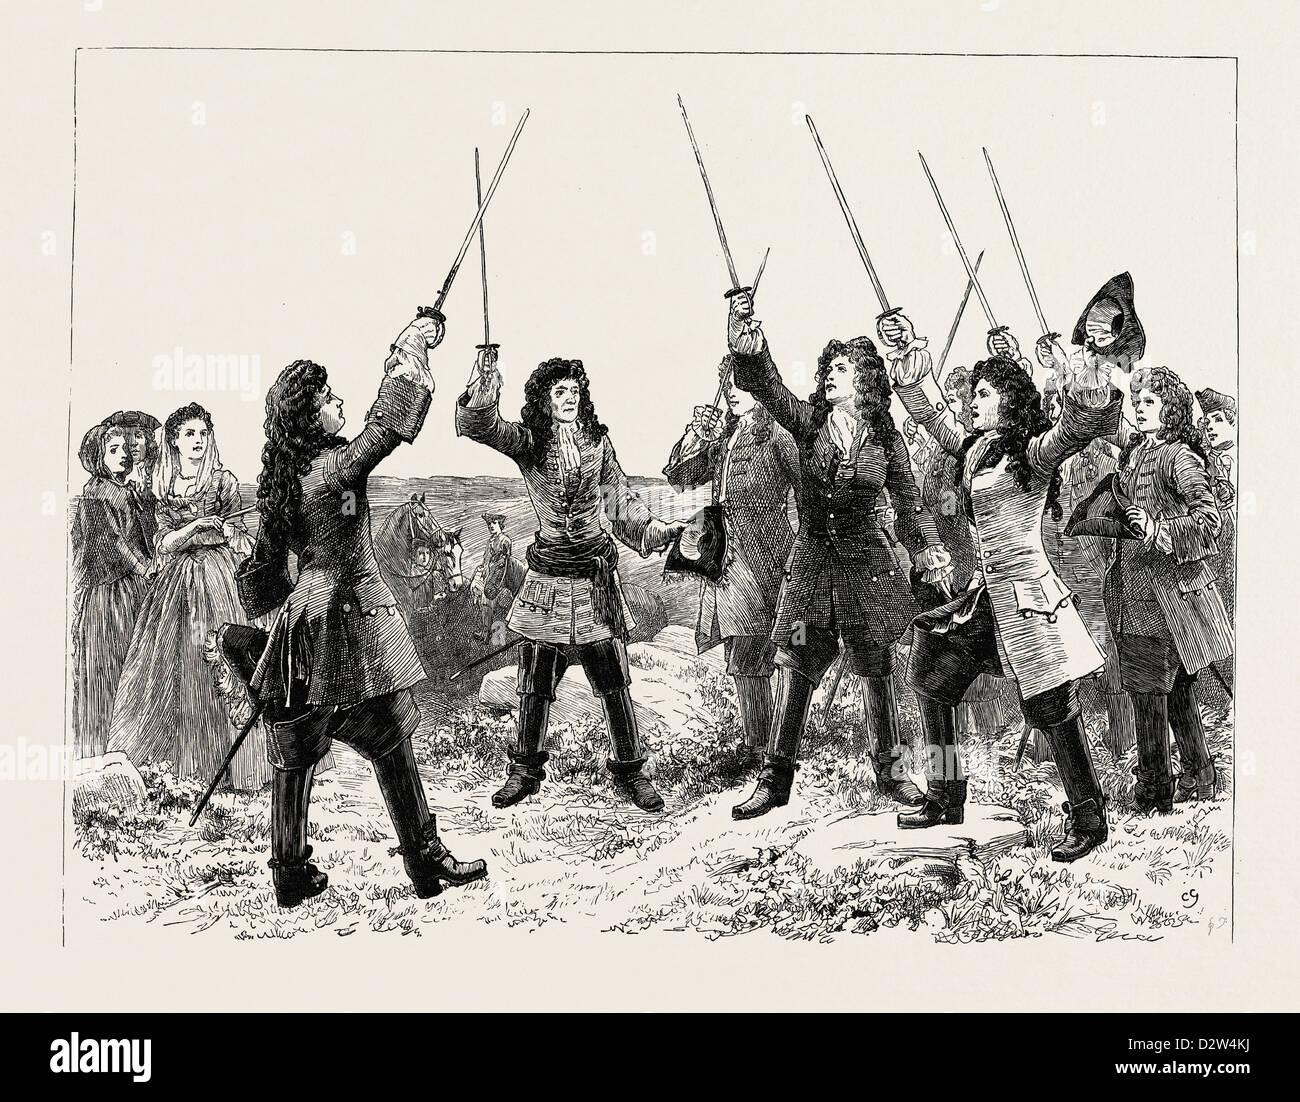 DOROTHY FORSTER: God save King James! - Stock Image